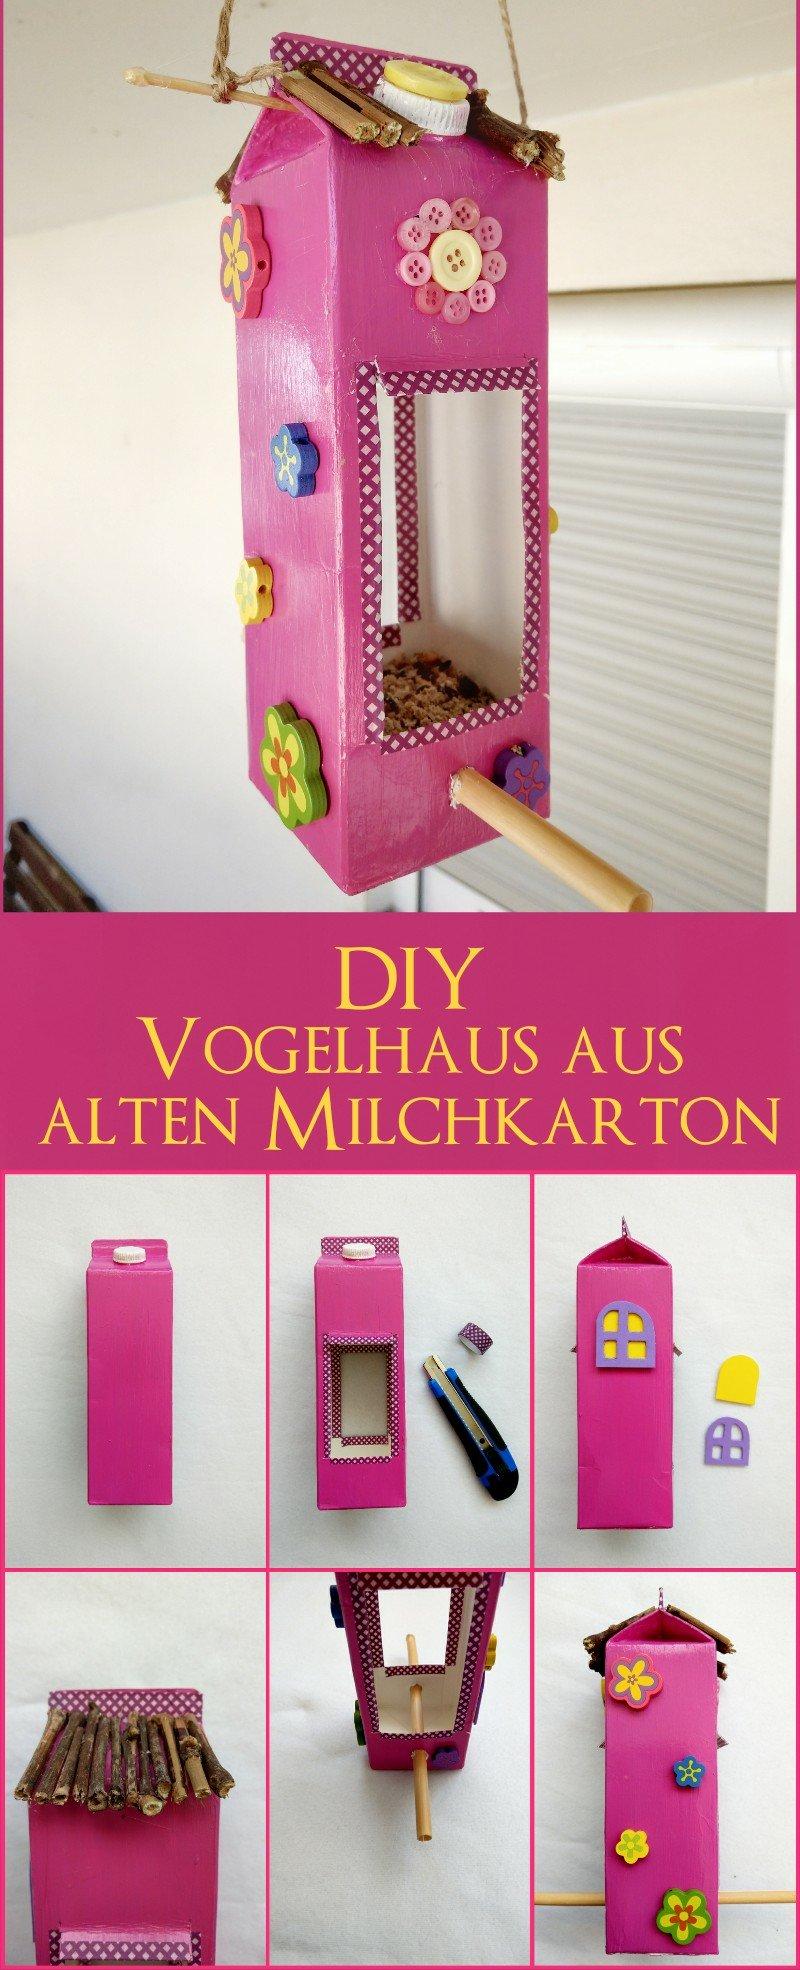 Hier zeige ich euch wie ihr ganz einfach ein Vogelhaus aus Milchtüten basteln könnt. Schritt für Schritt Anleitung auch für Kinder. Süße Dekoration für Balkon und Kinderzimmer. Upcycling aus alten Milchkarton.